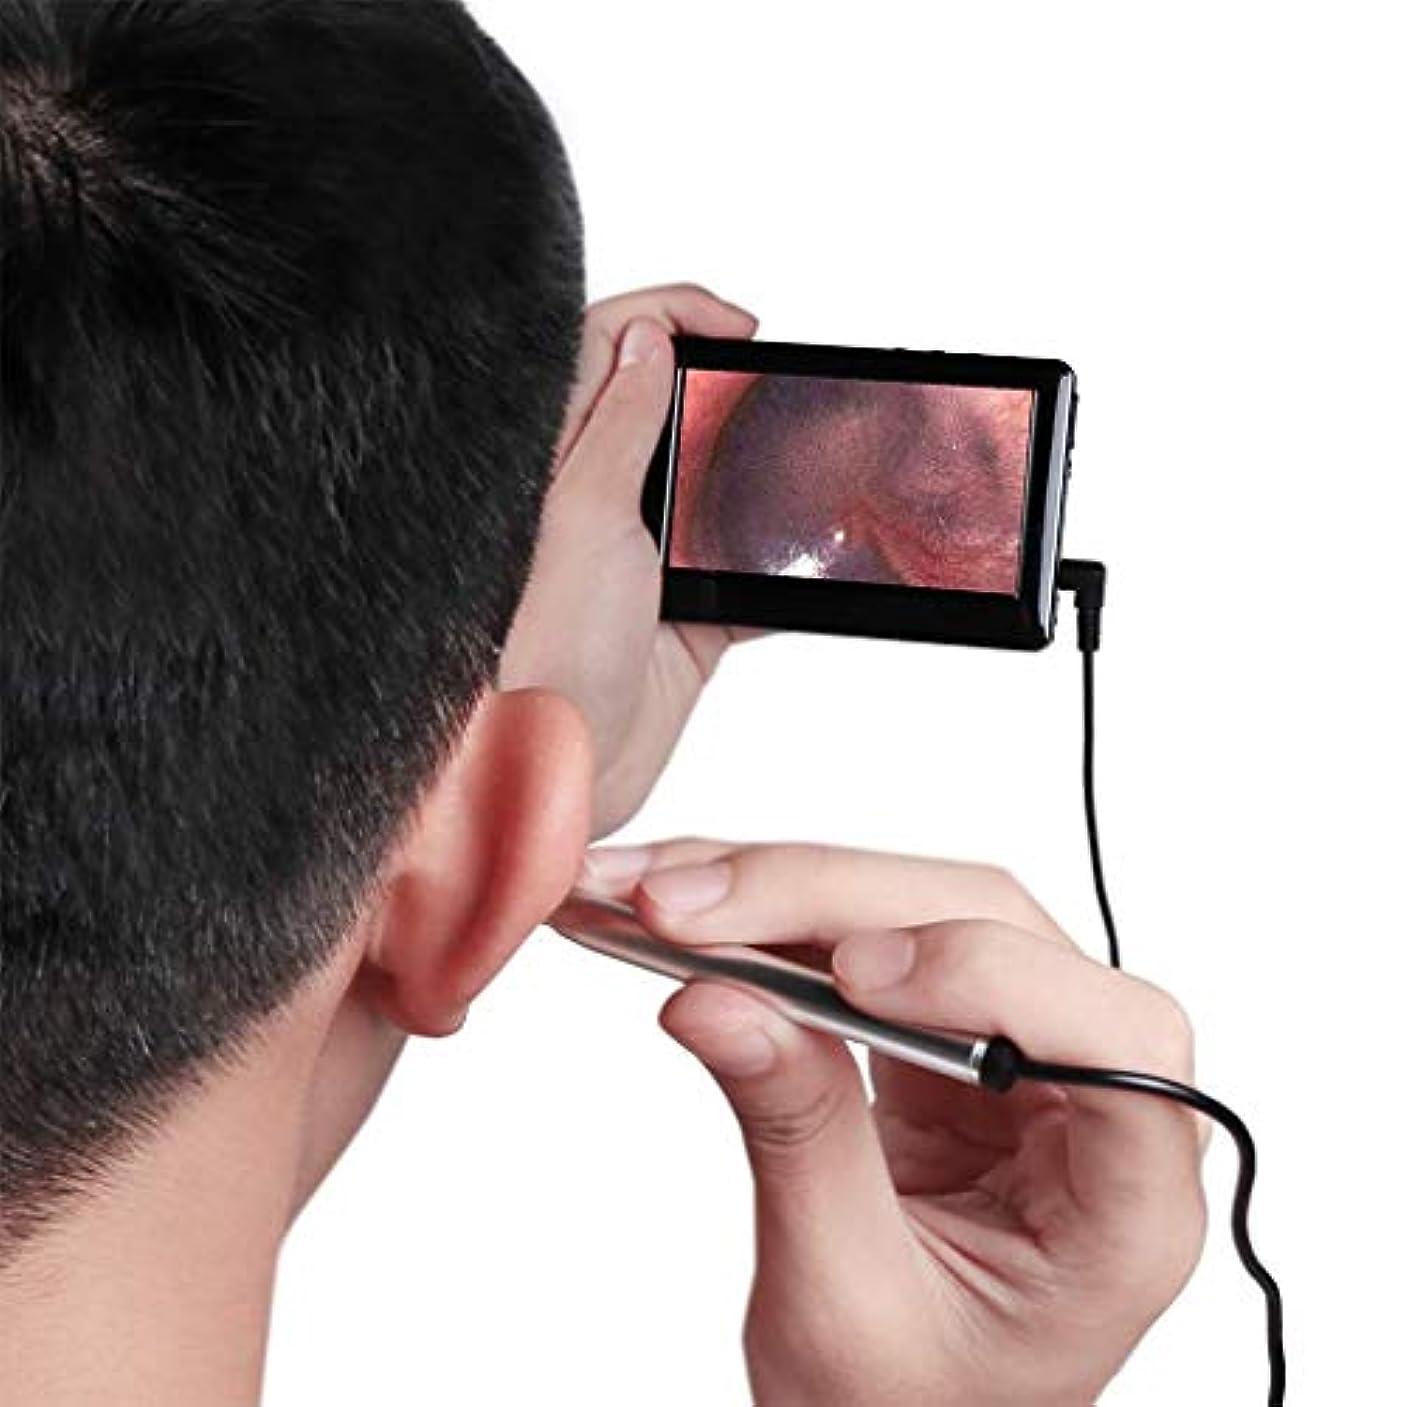 シャワー可愛いチャーミング耳の検査カメラUSB Otoscope(4.3インチディスプレイ付き)耳用スコープ(6 LED耳クリーニング内視鏡プラグアンドプレイ付き)